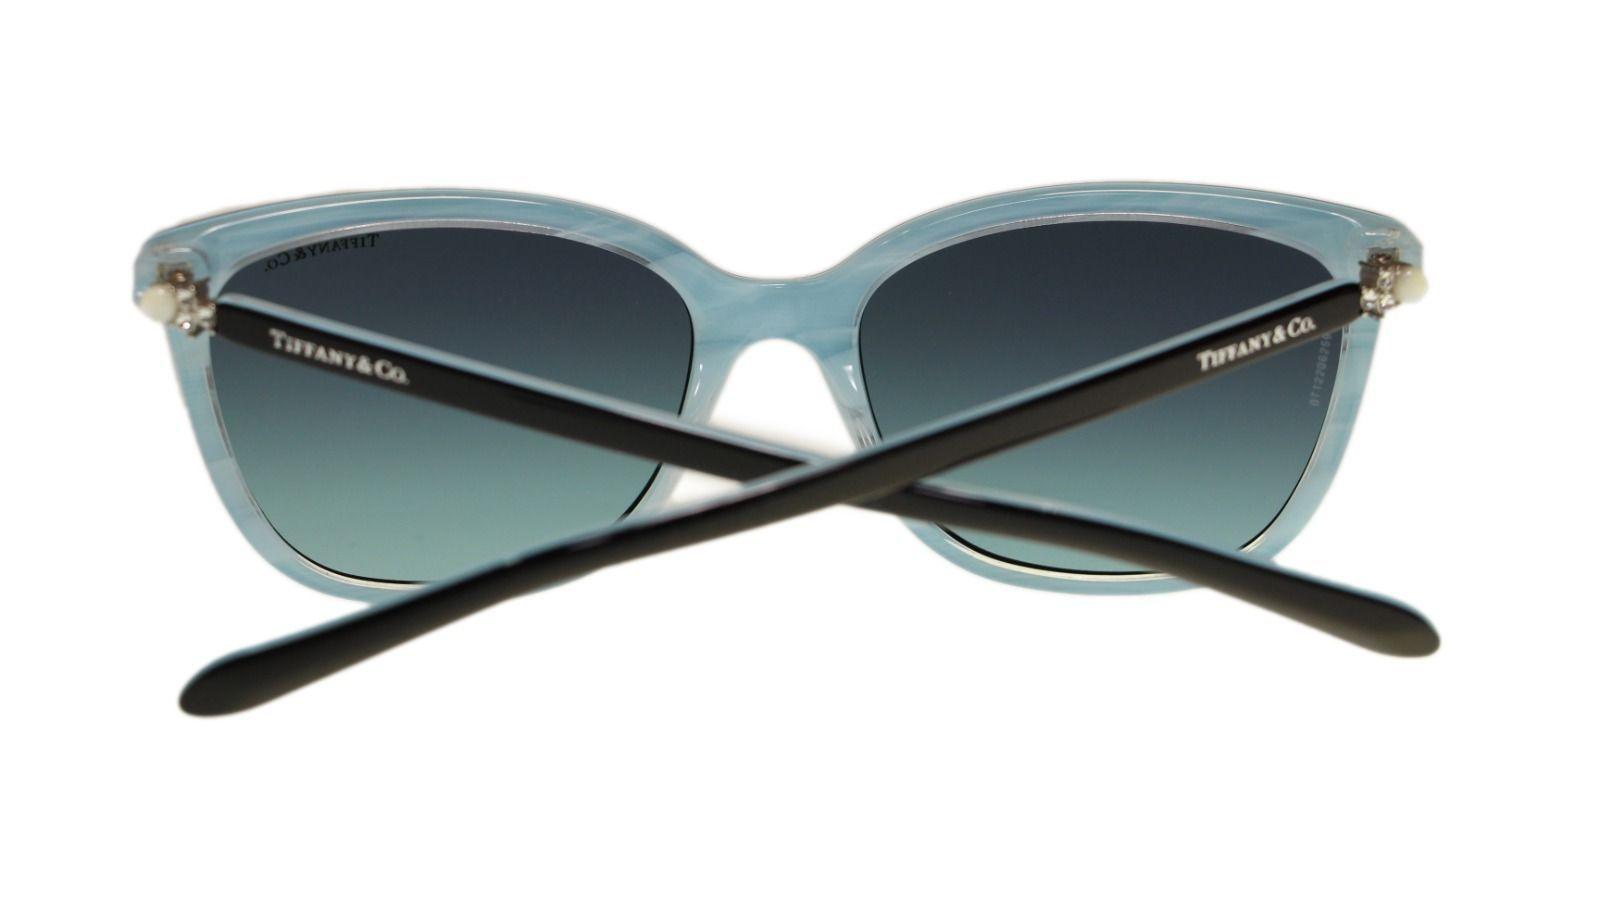 615e4ea36f7 TIFFANY   CO TF4105 81939S Black Blue Square Women s Sunglasses 55mm  Authentic 4